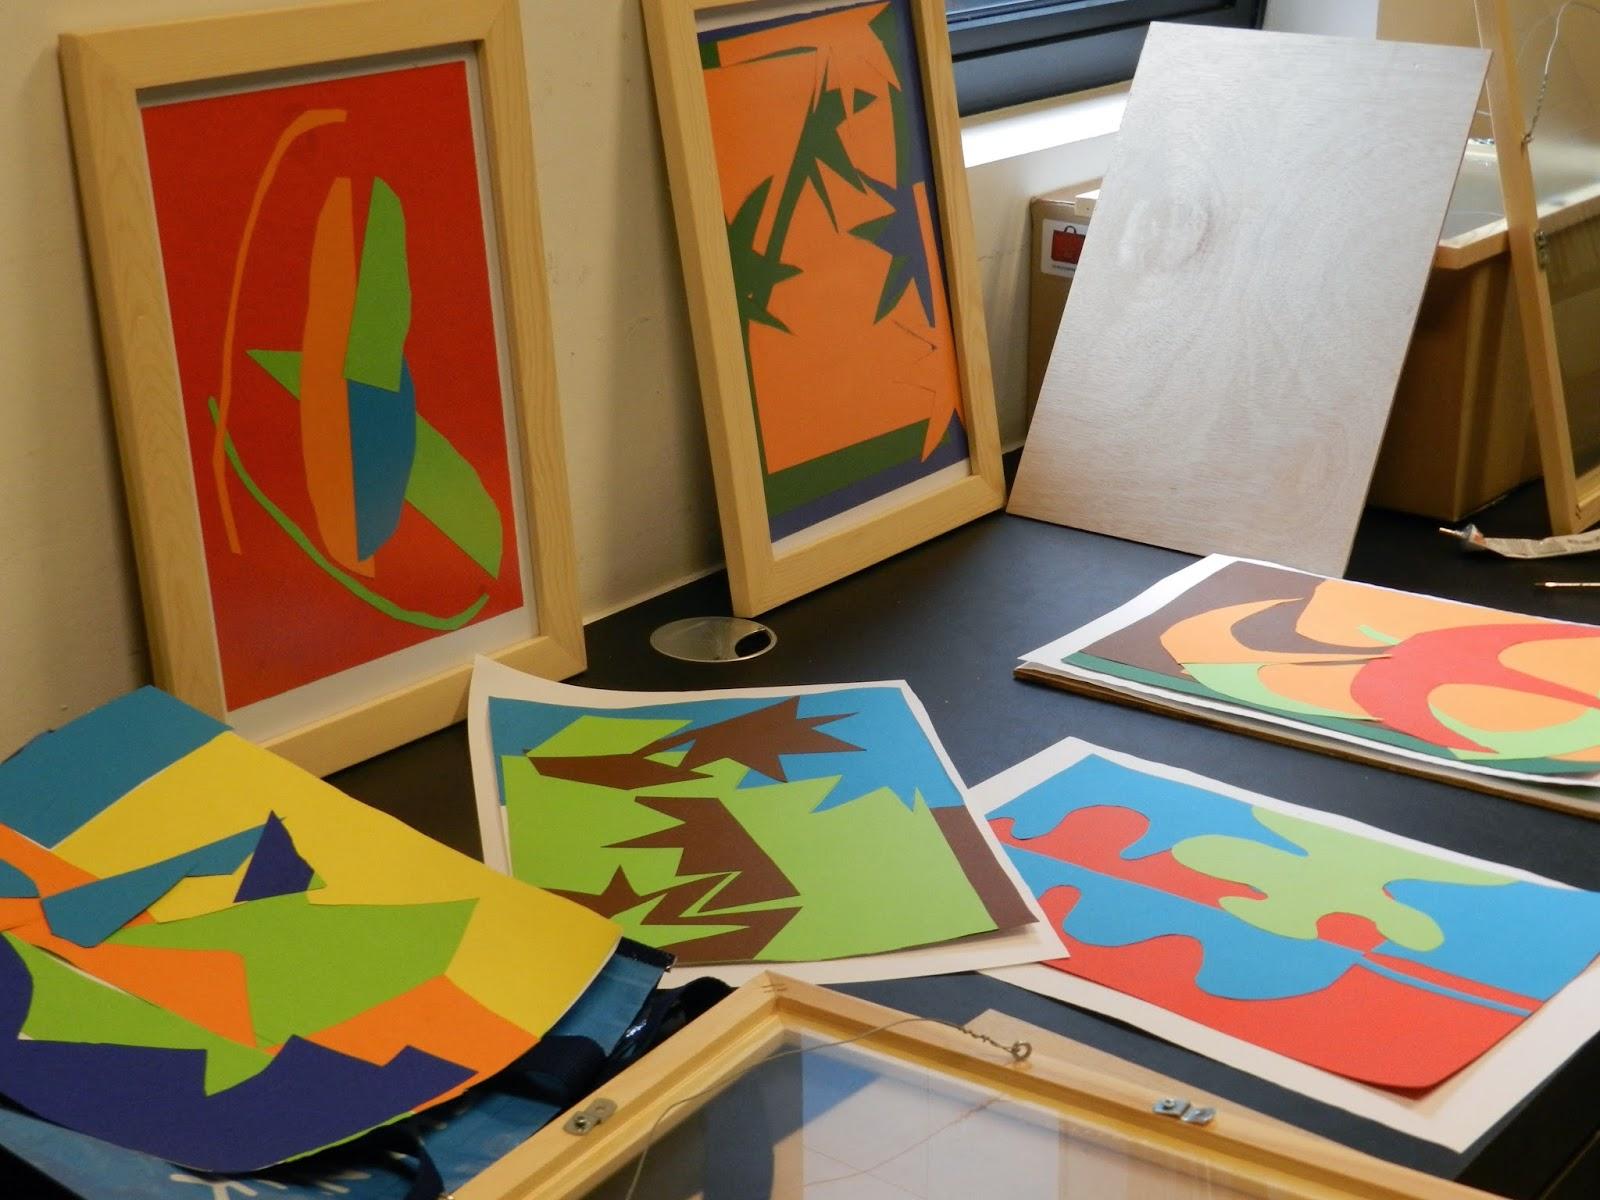 Blog van bibliotheek ieper mini tentoonstelling kleurrijke herfstcollages d academie - Idee bibliotheek ...